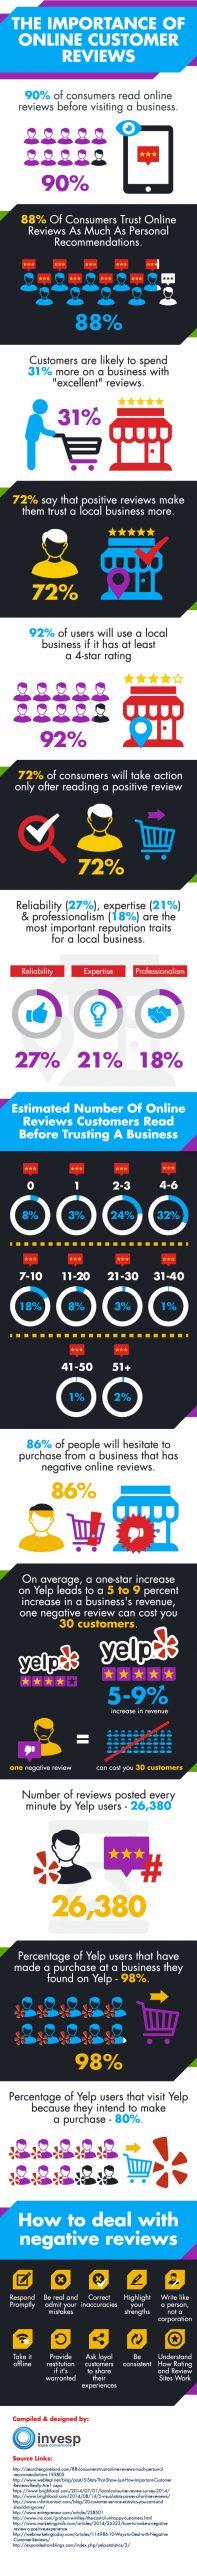 urun-degerledirmesi-ve-musteri-yorumlari-infografik